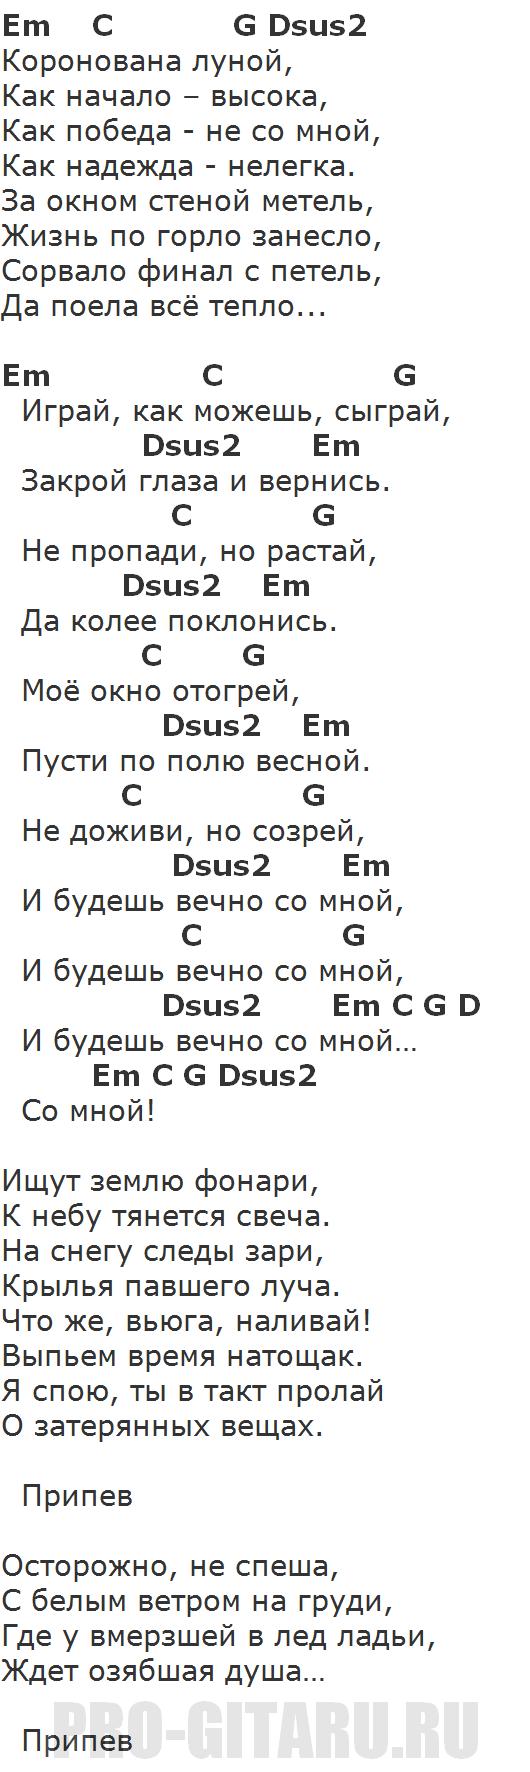 метель аккорды